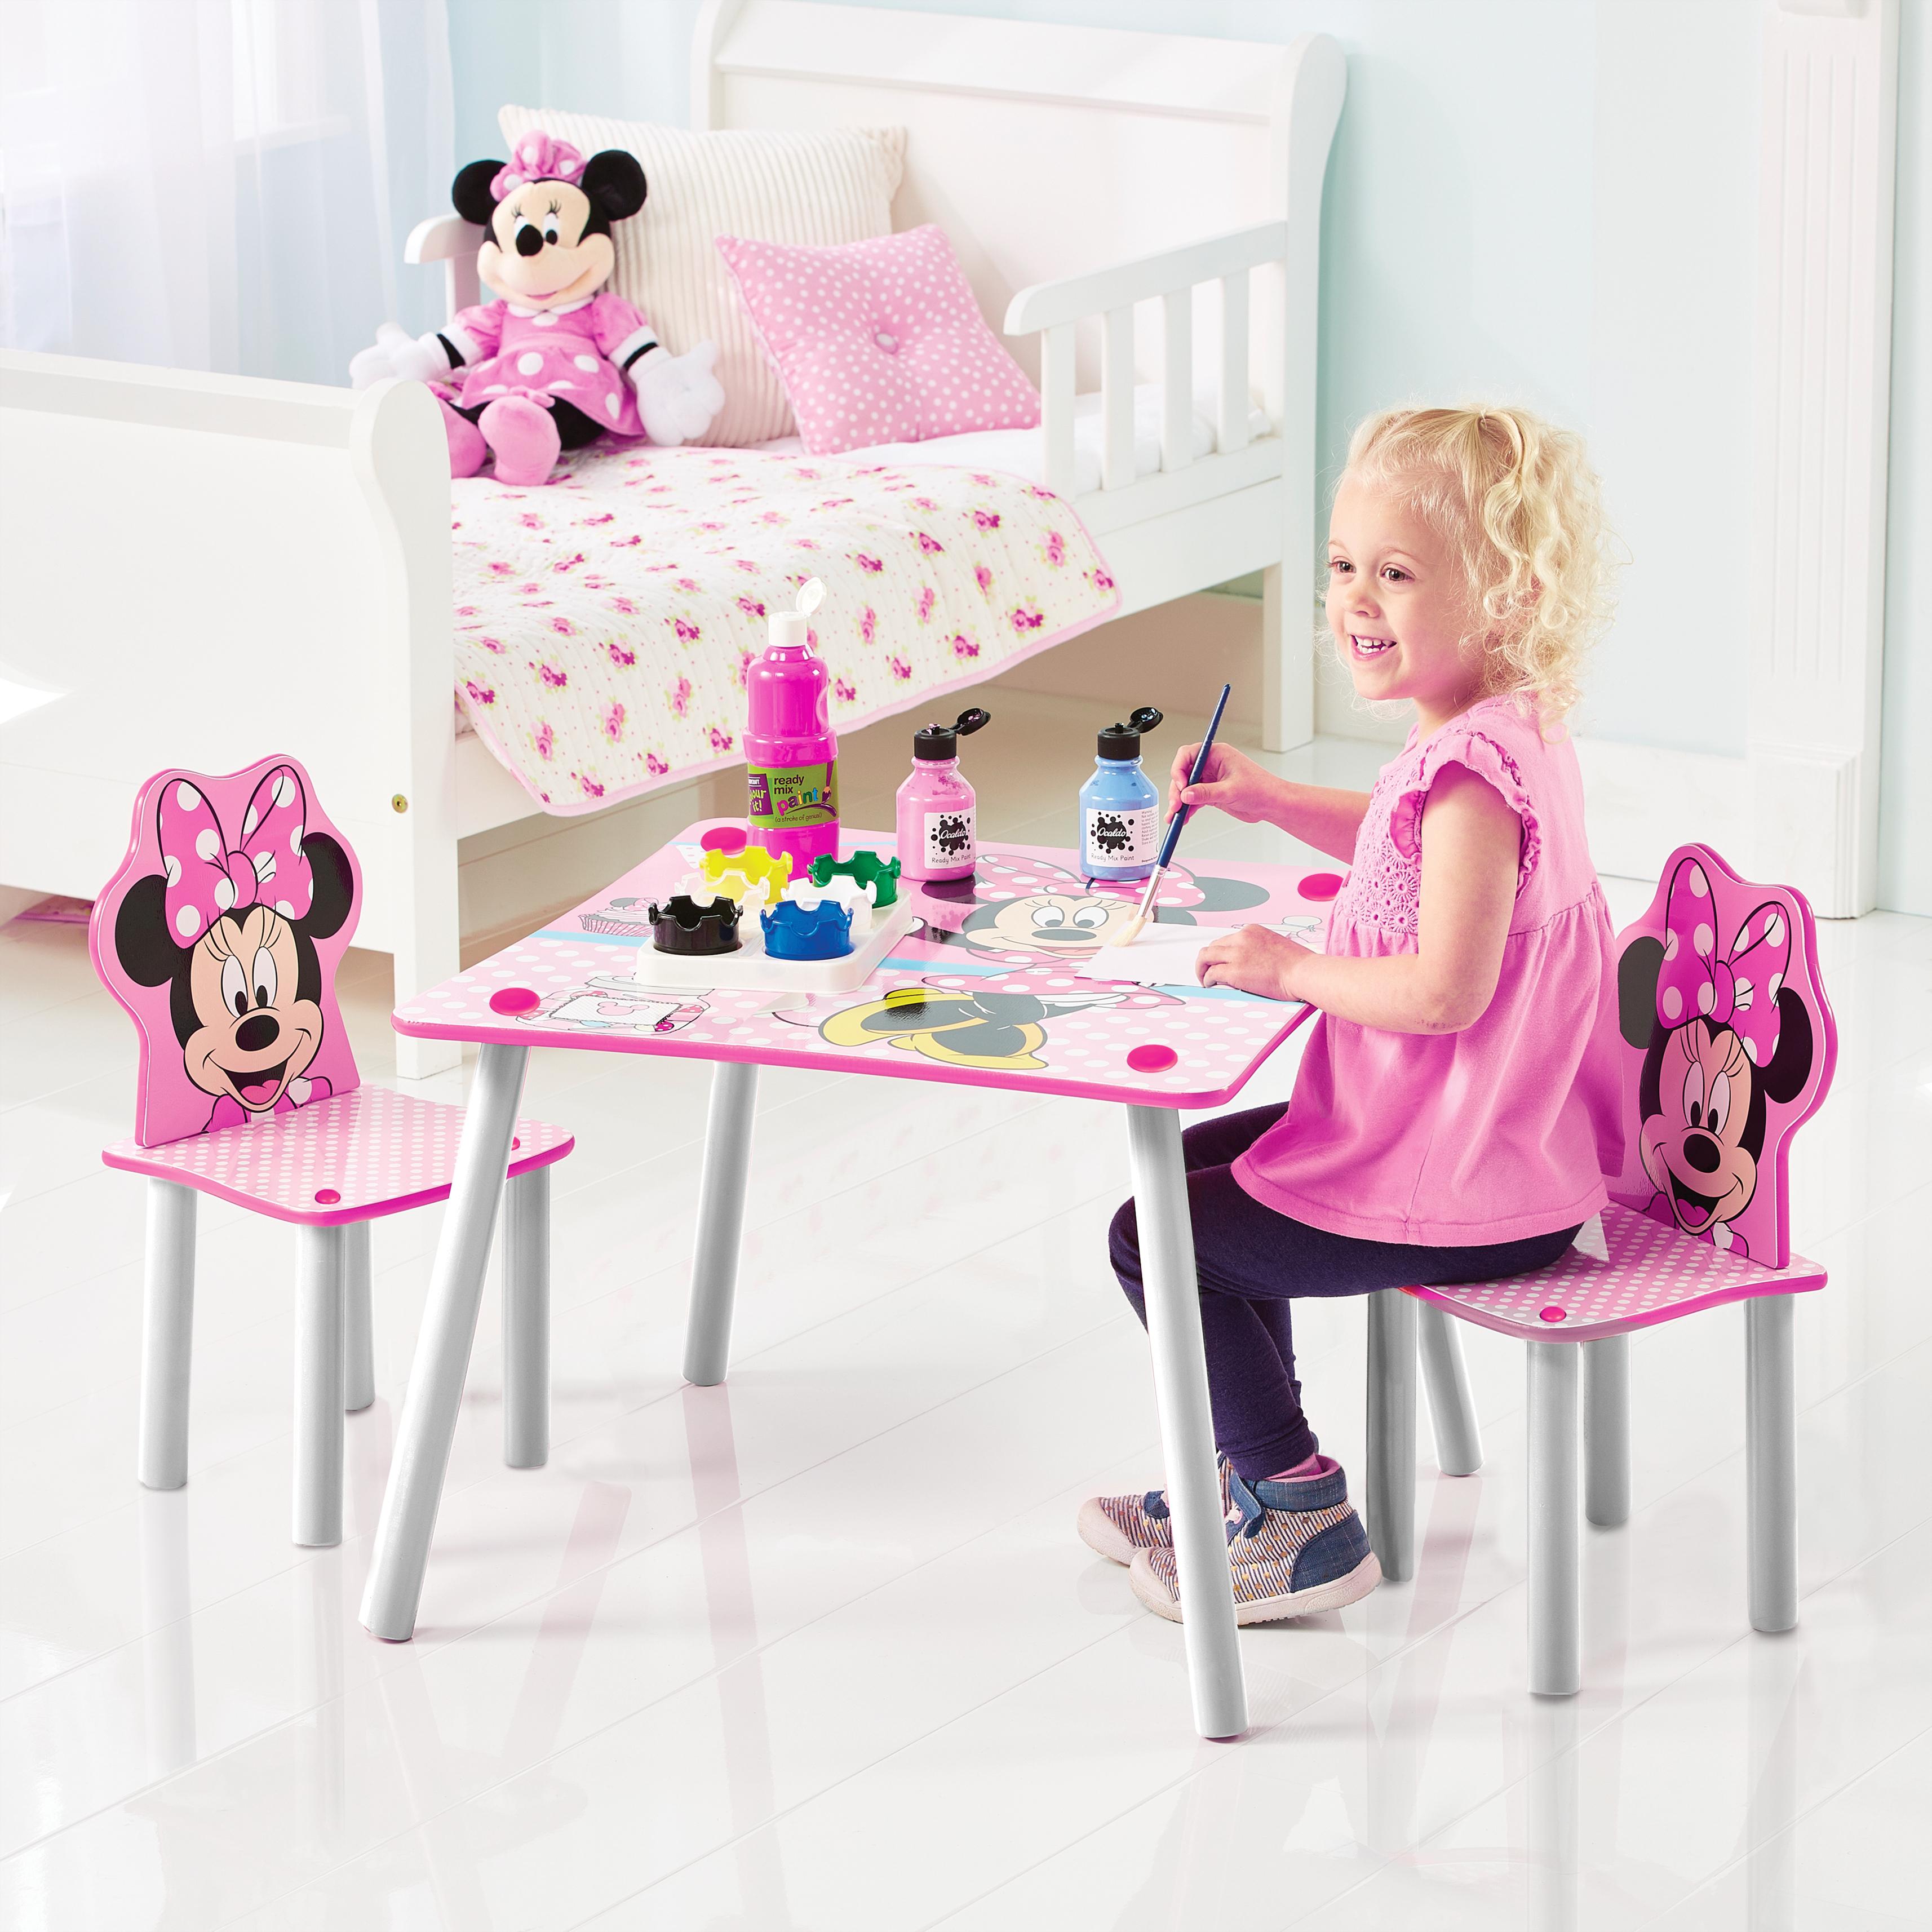 Dětský stůl s židlemi Myška Minnie